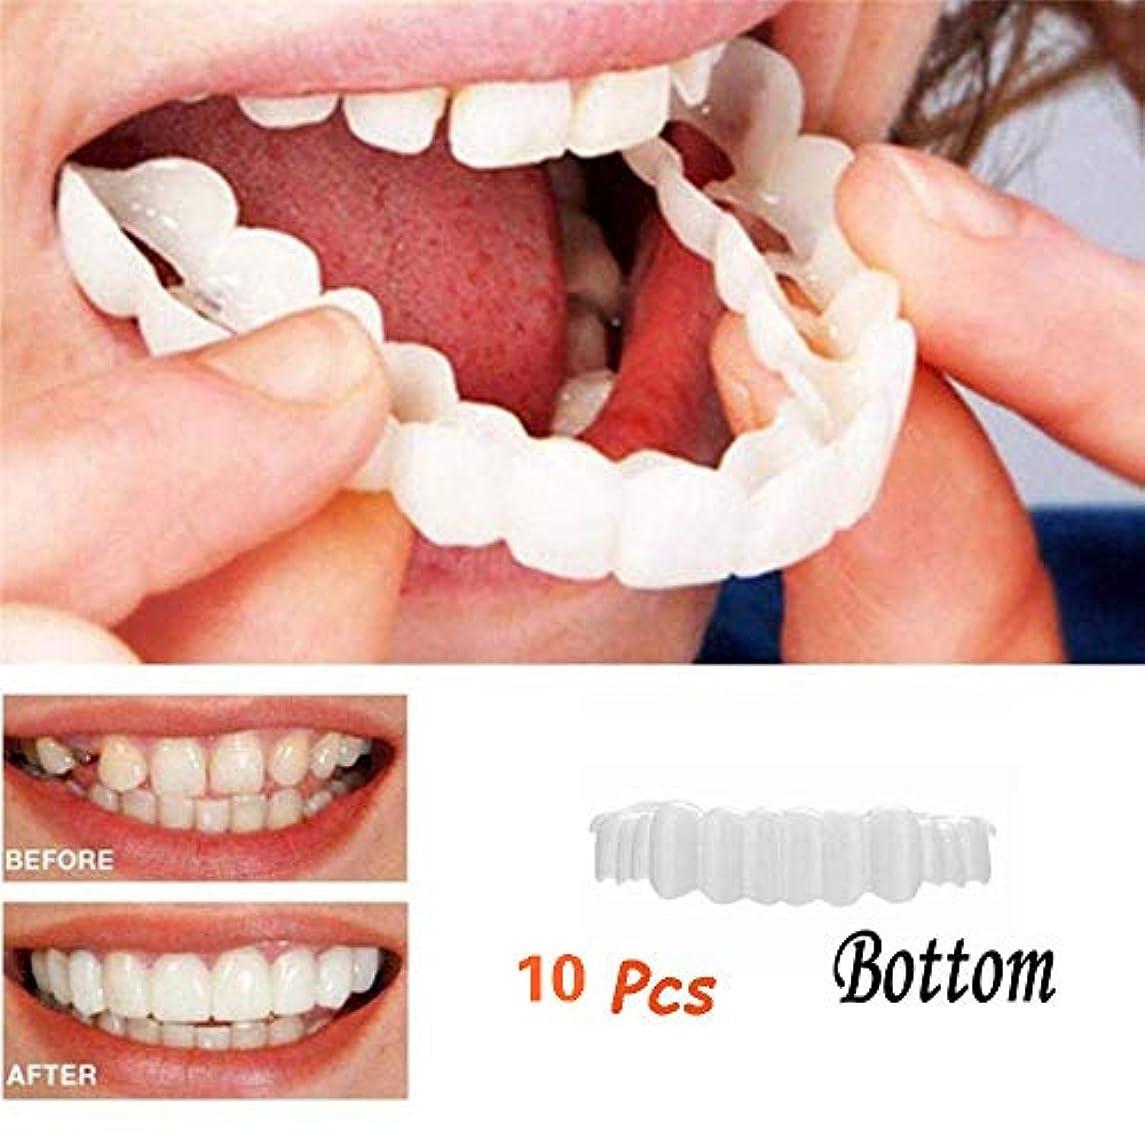 攻撃的側面苦い10ピース化粧品歯化粧品歯科スナップインスタントパーフェクトスマイルコンフォートフィットフレックス歯白い歯カバーフィットほとんどの偽底歯